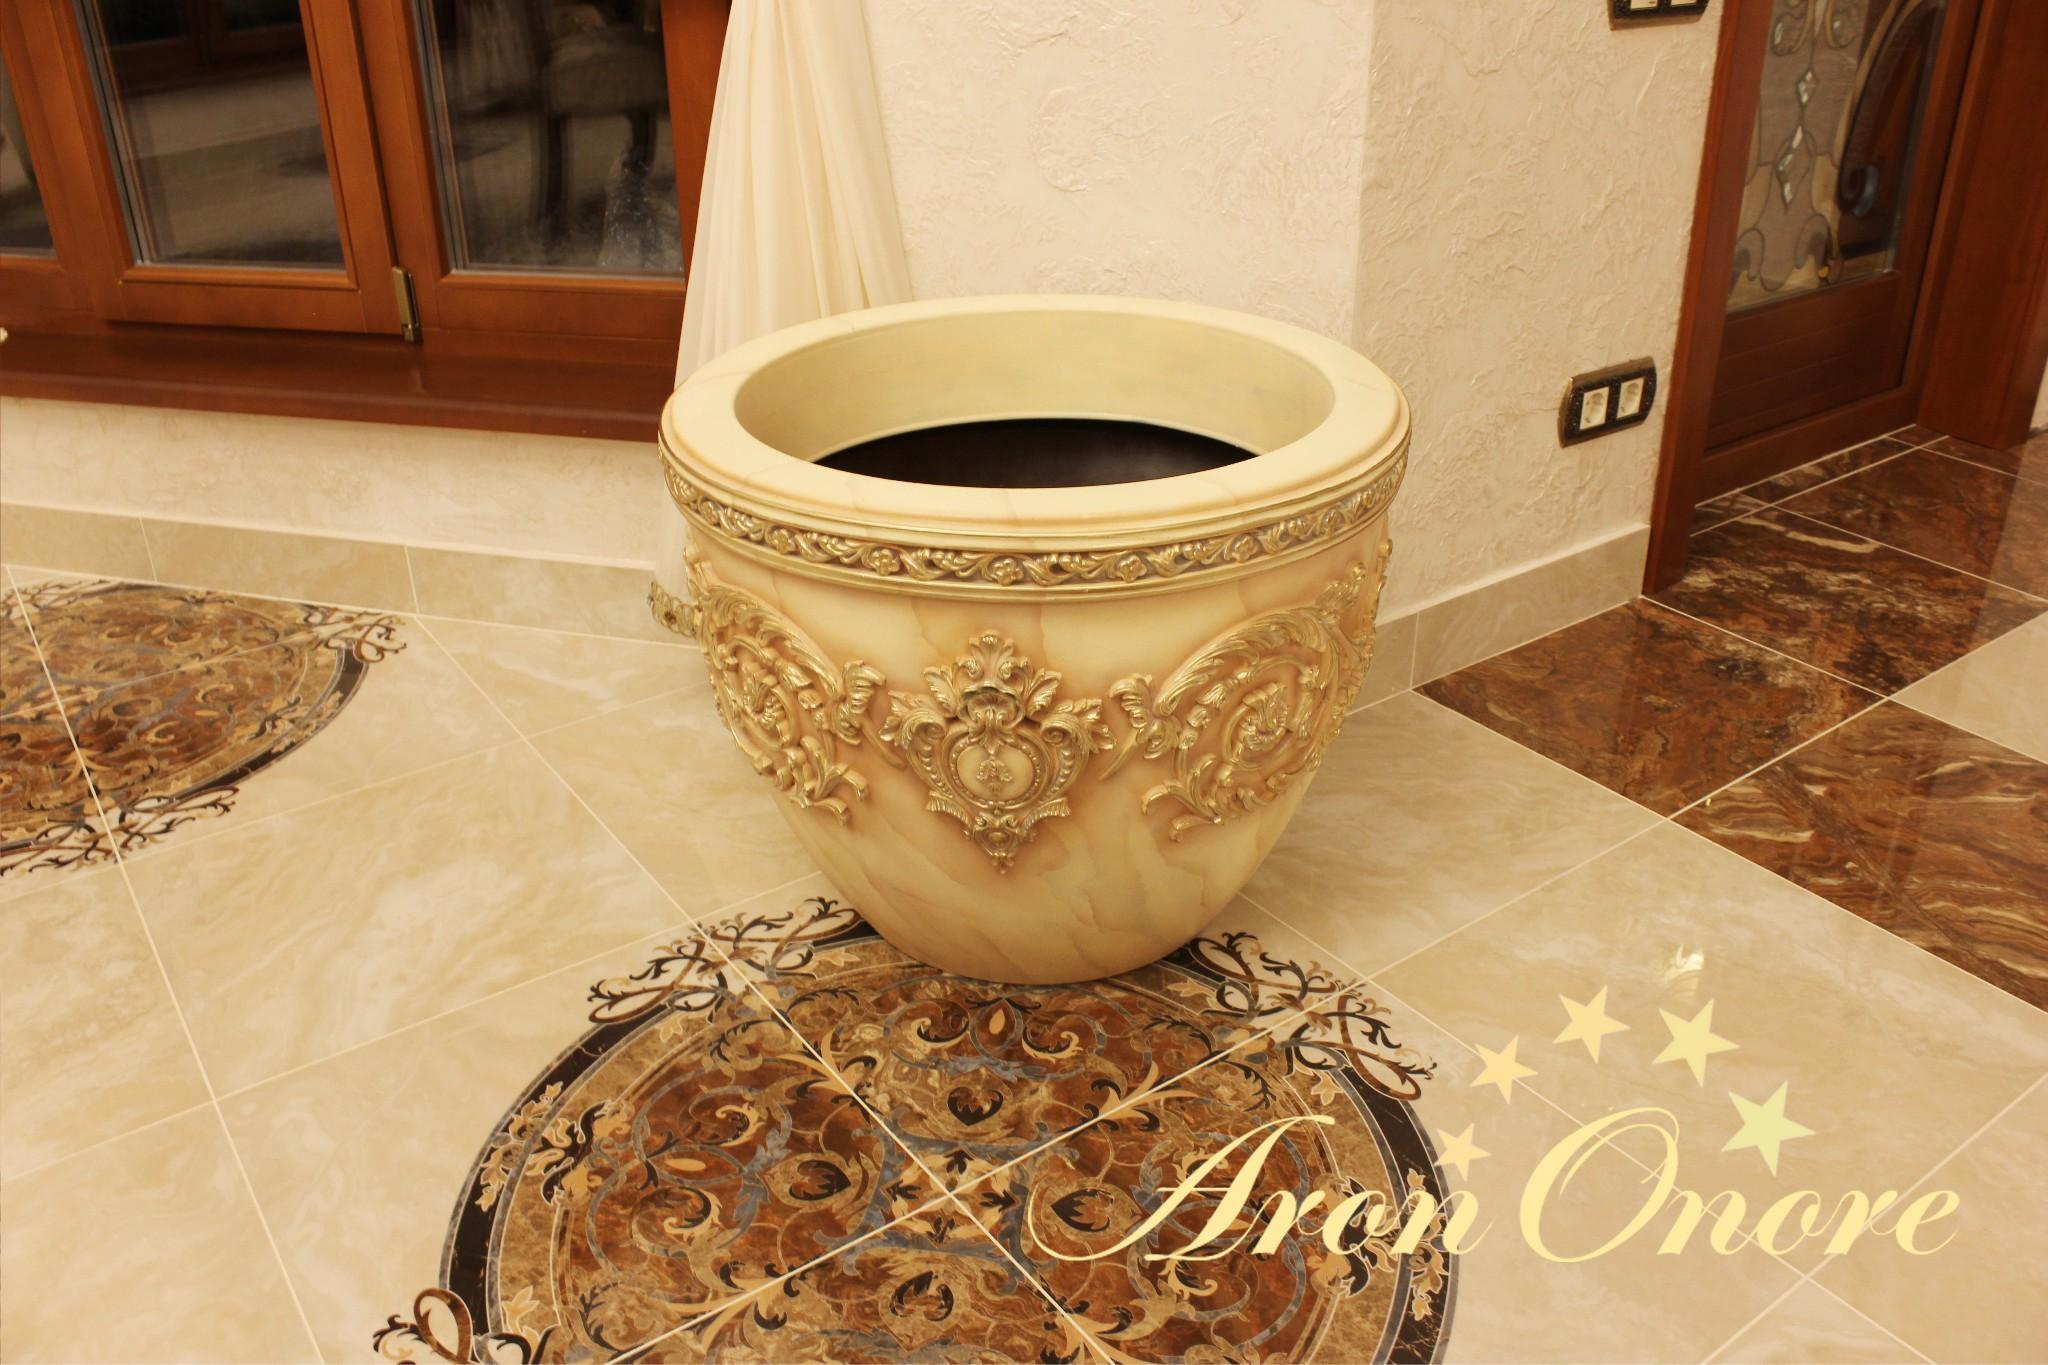 декорирование ваз с позолотой от Арона Оноре